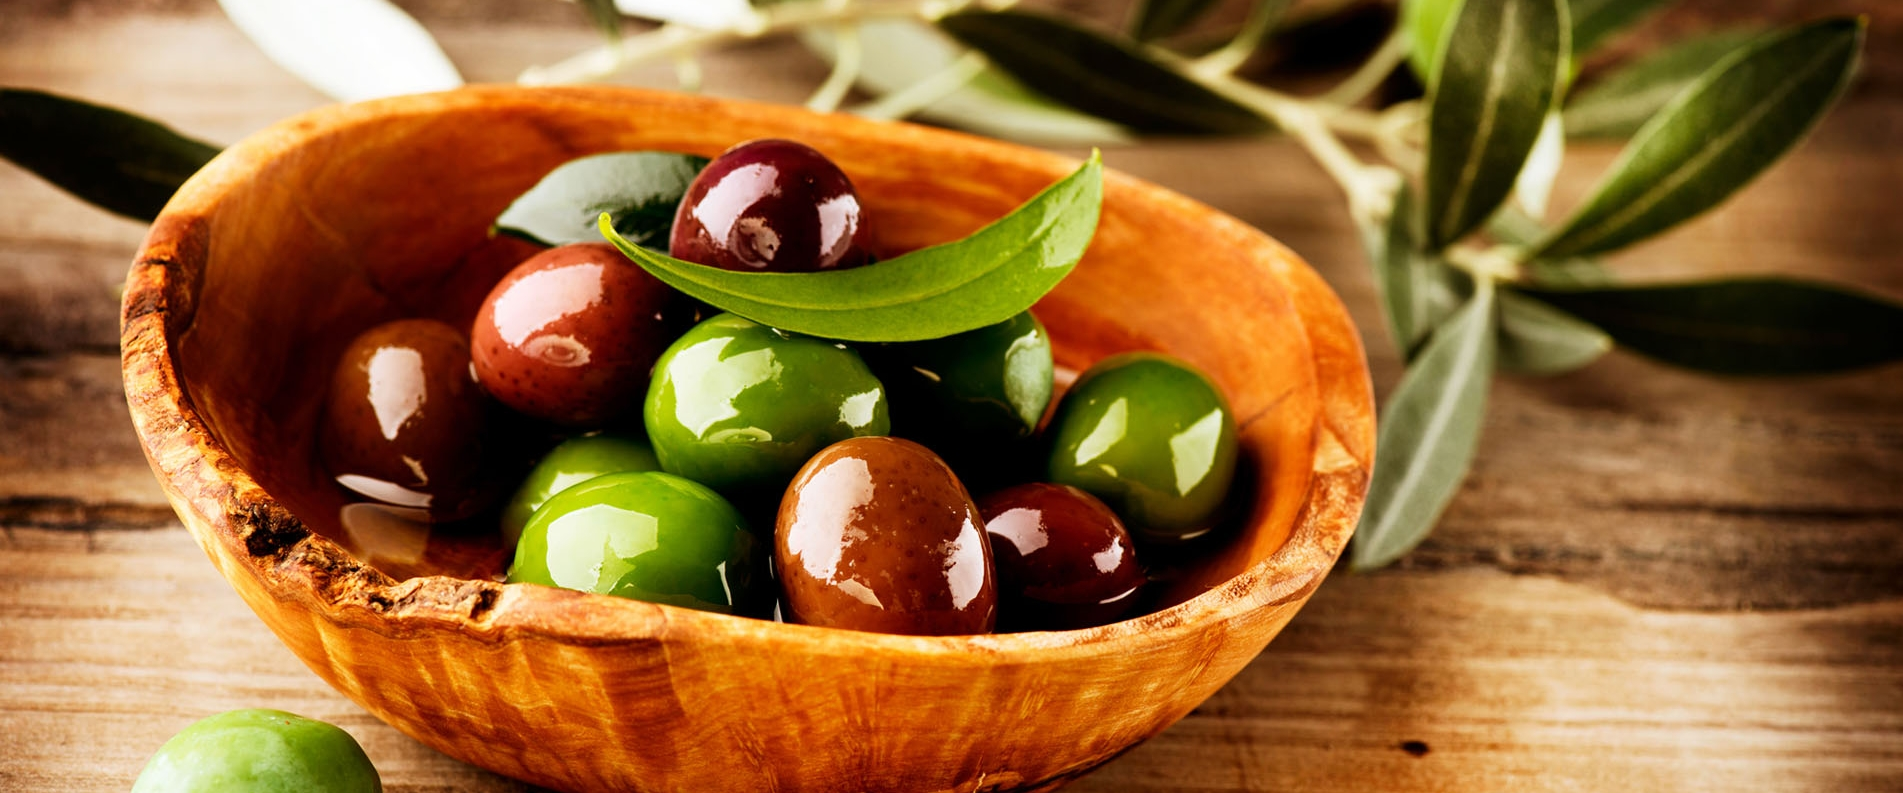 Cyprus Olives & Olive Oils